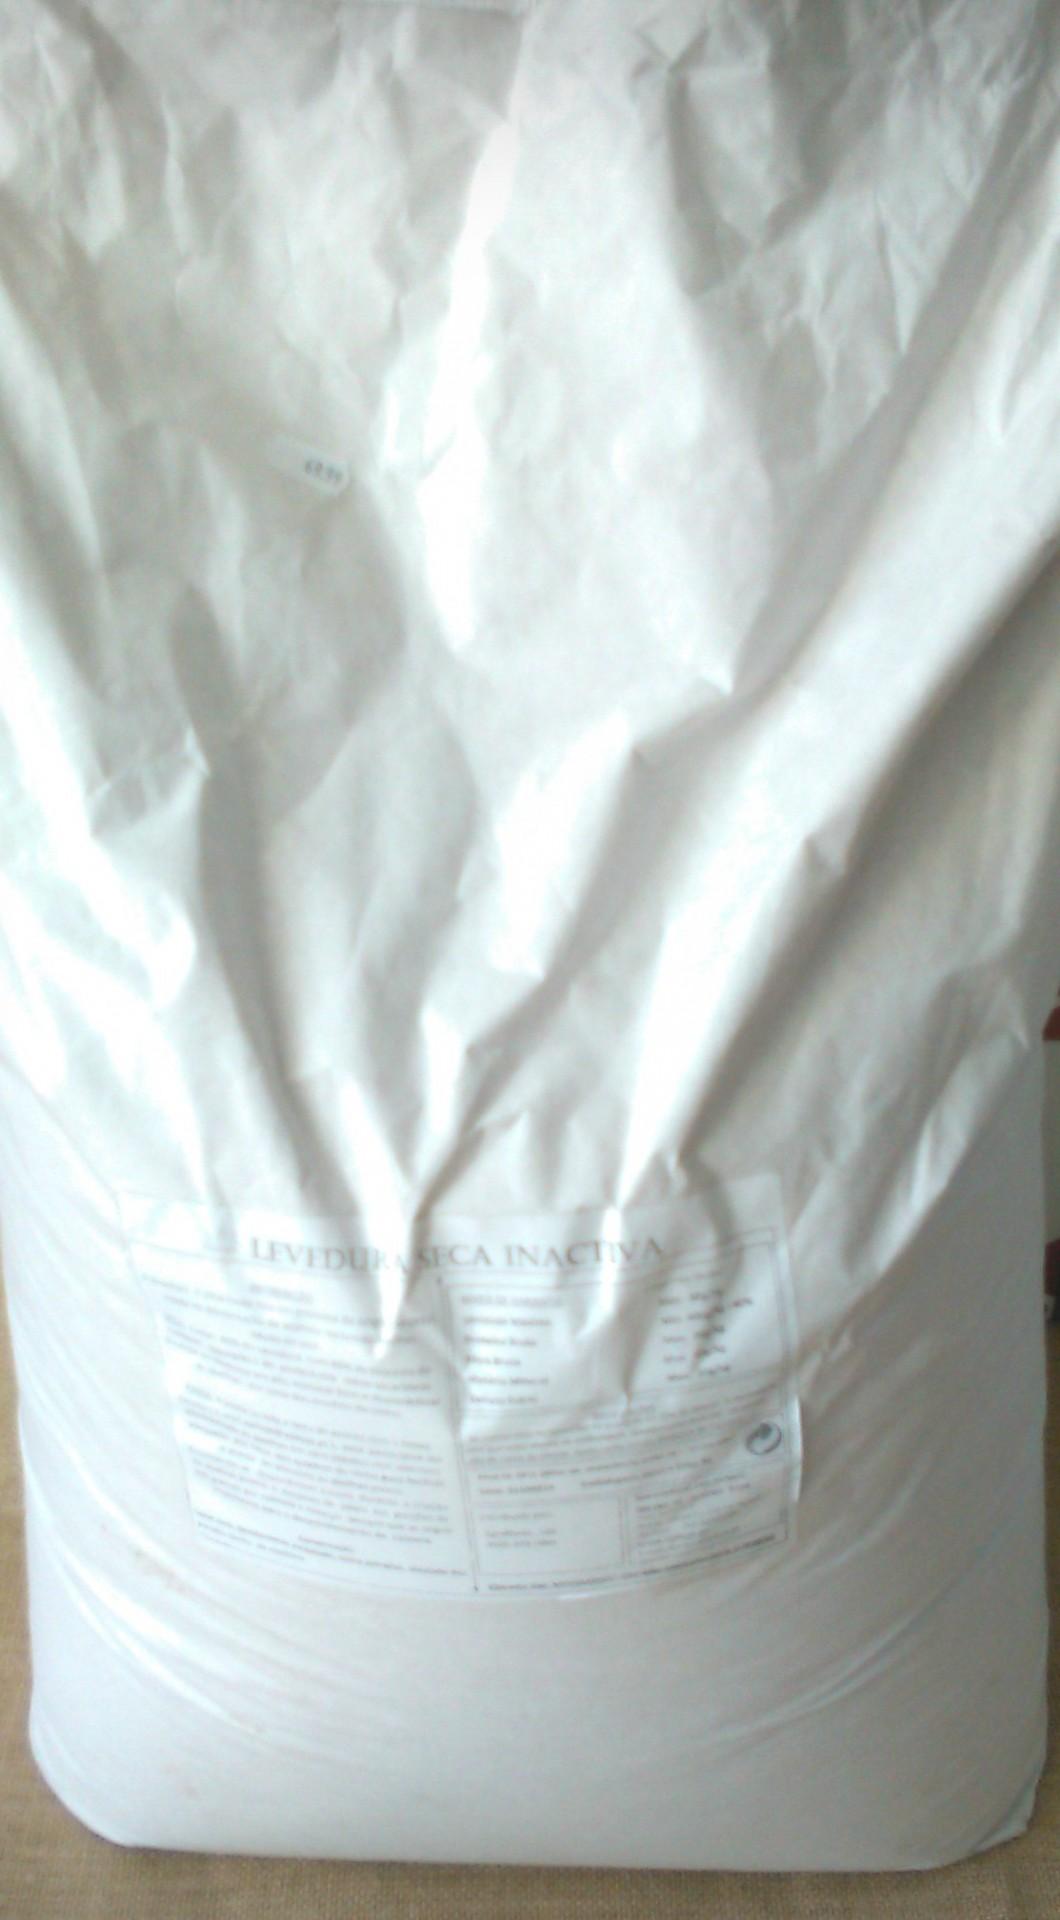 Levedura Desidratada Inactiva Saco 25kg